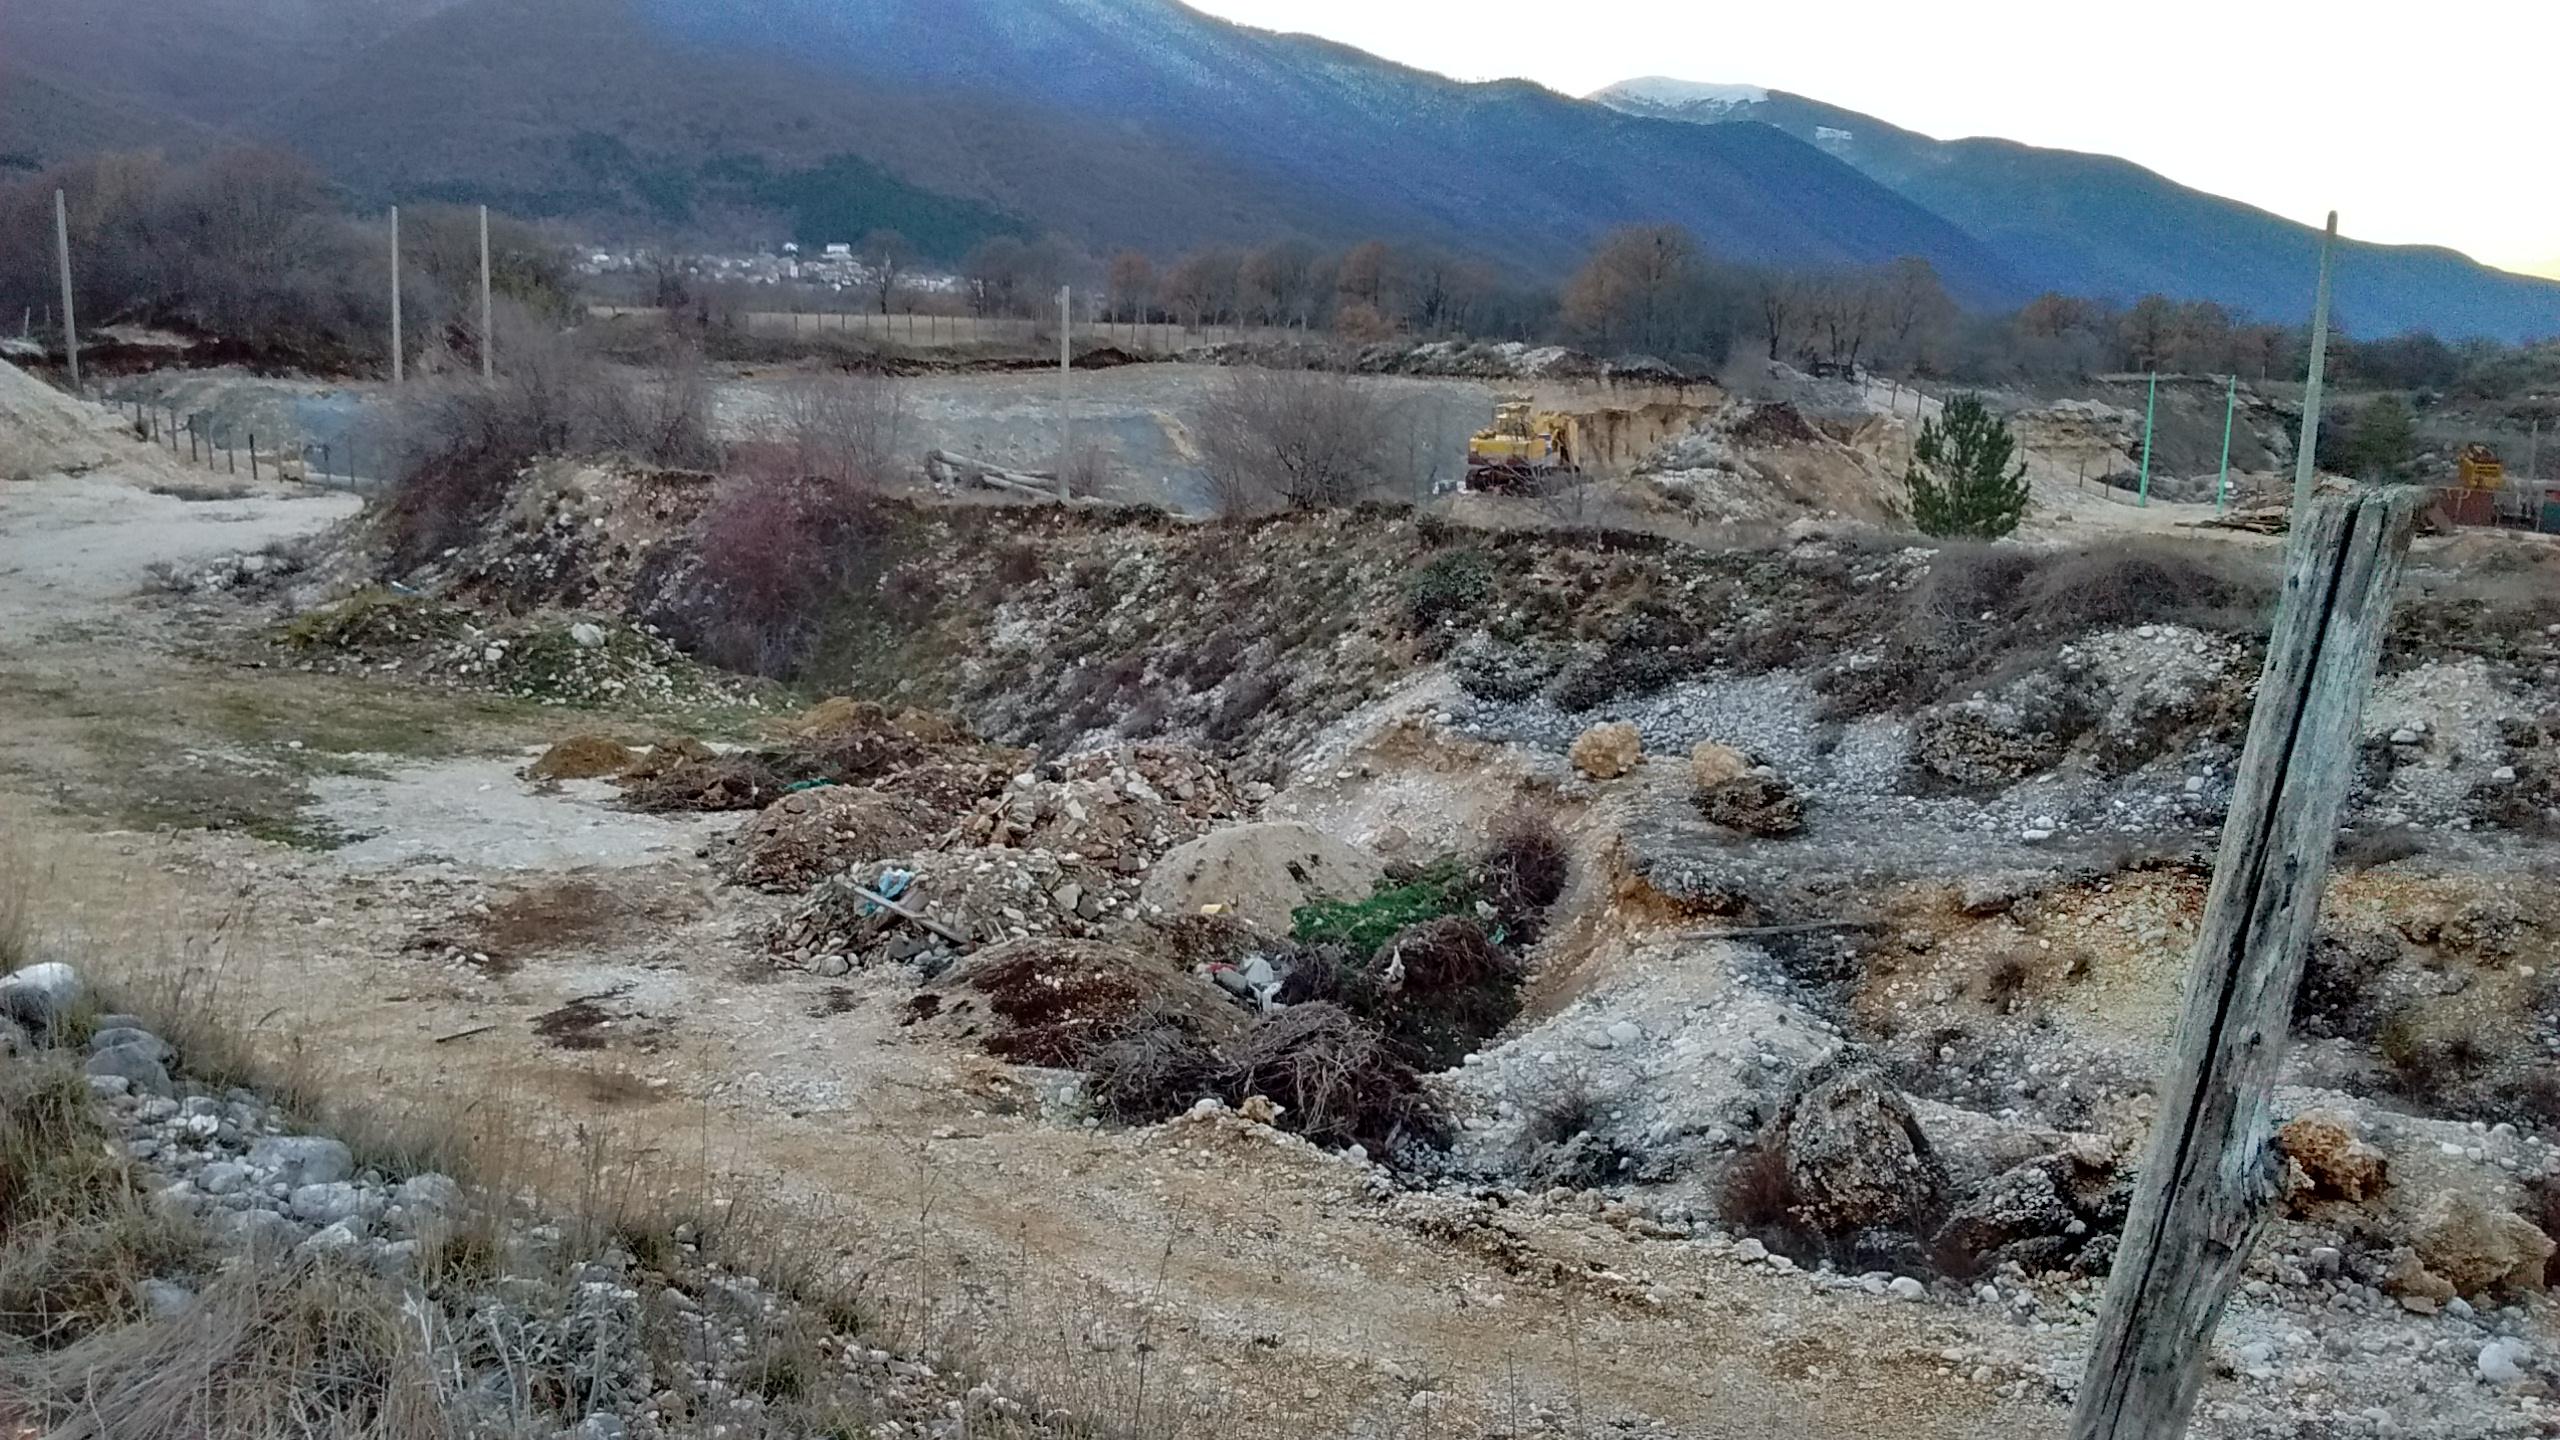 Ex cava Le Grottelle, conclusa conferenza di servizi. La ditta deve identificare, rimuovere e smaltire i rifiuti